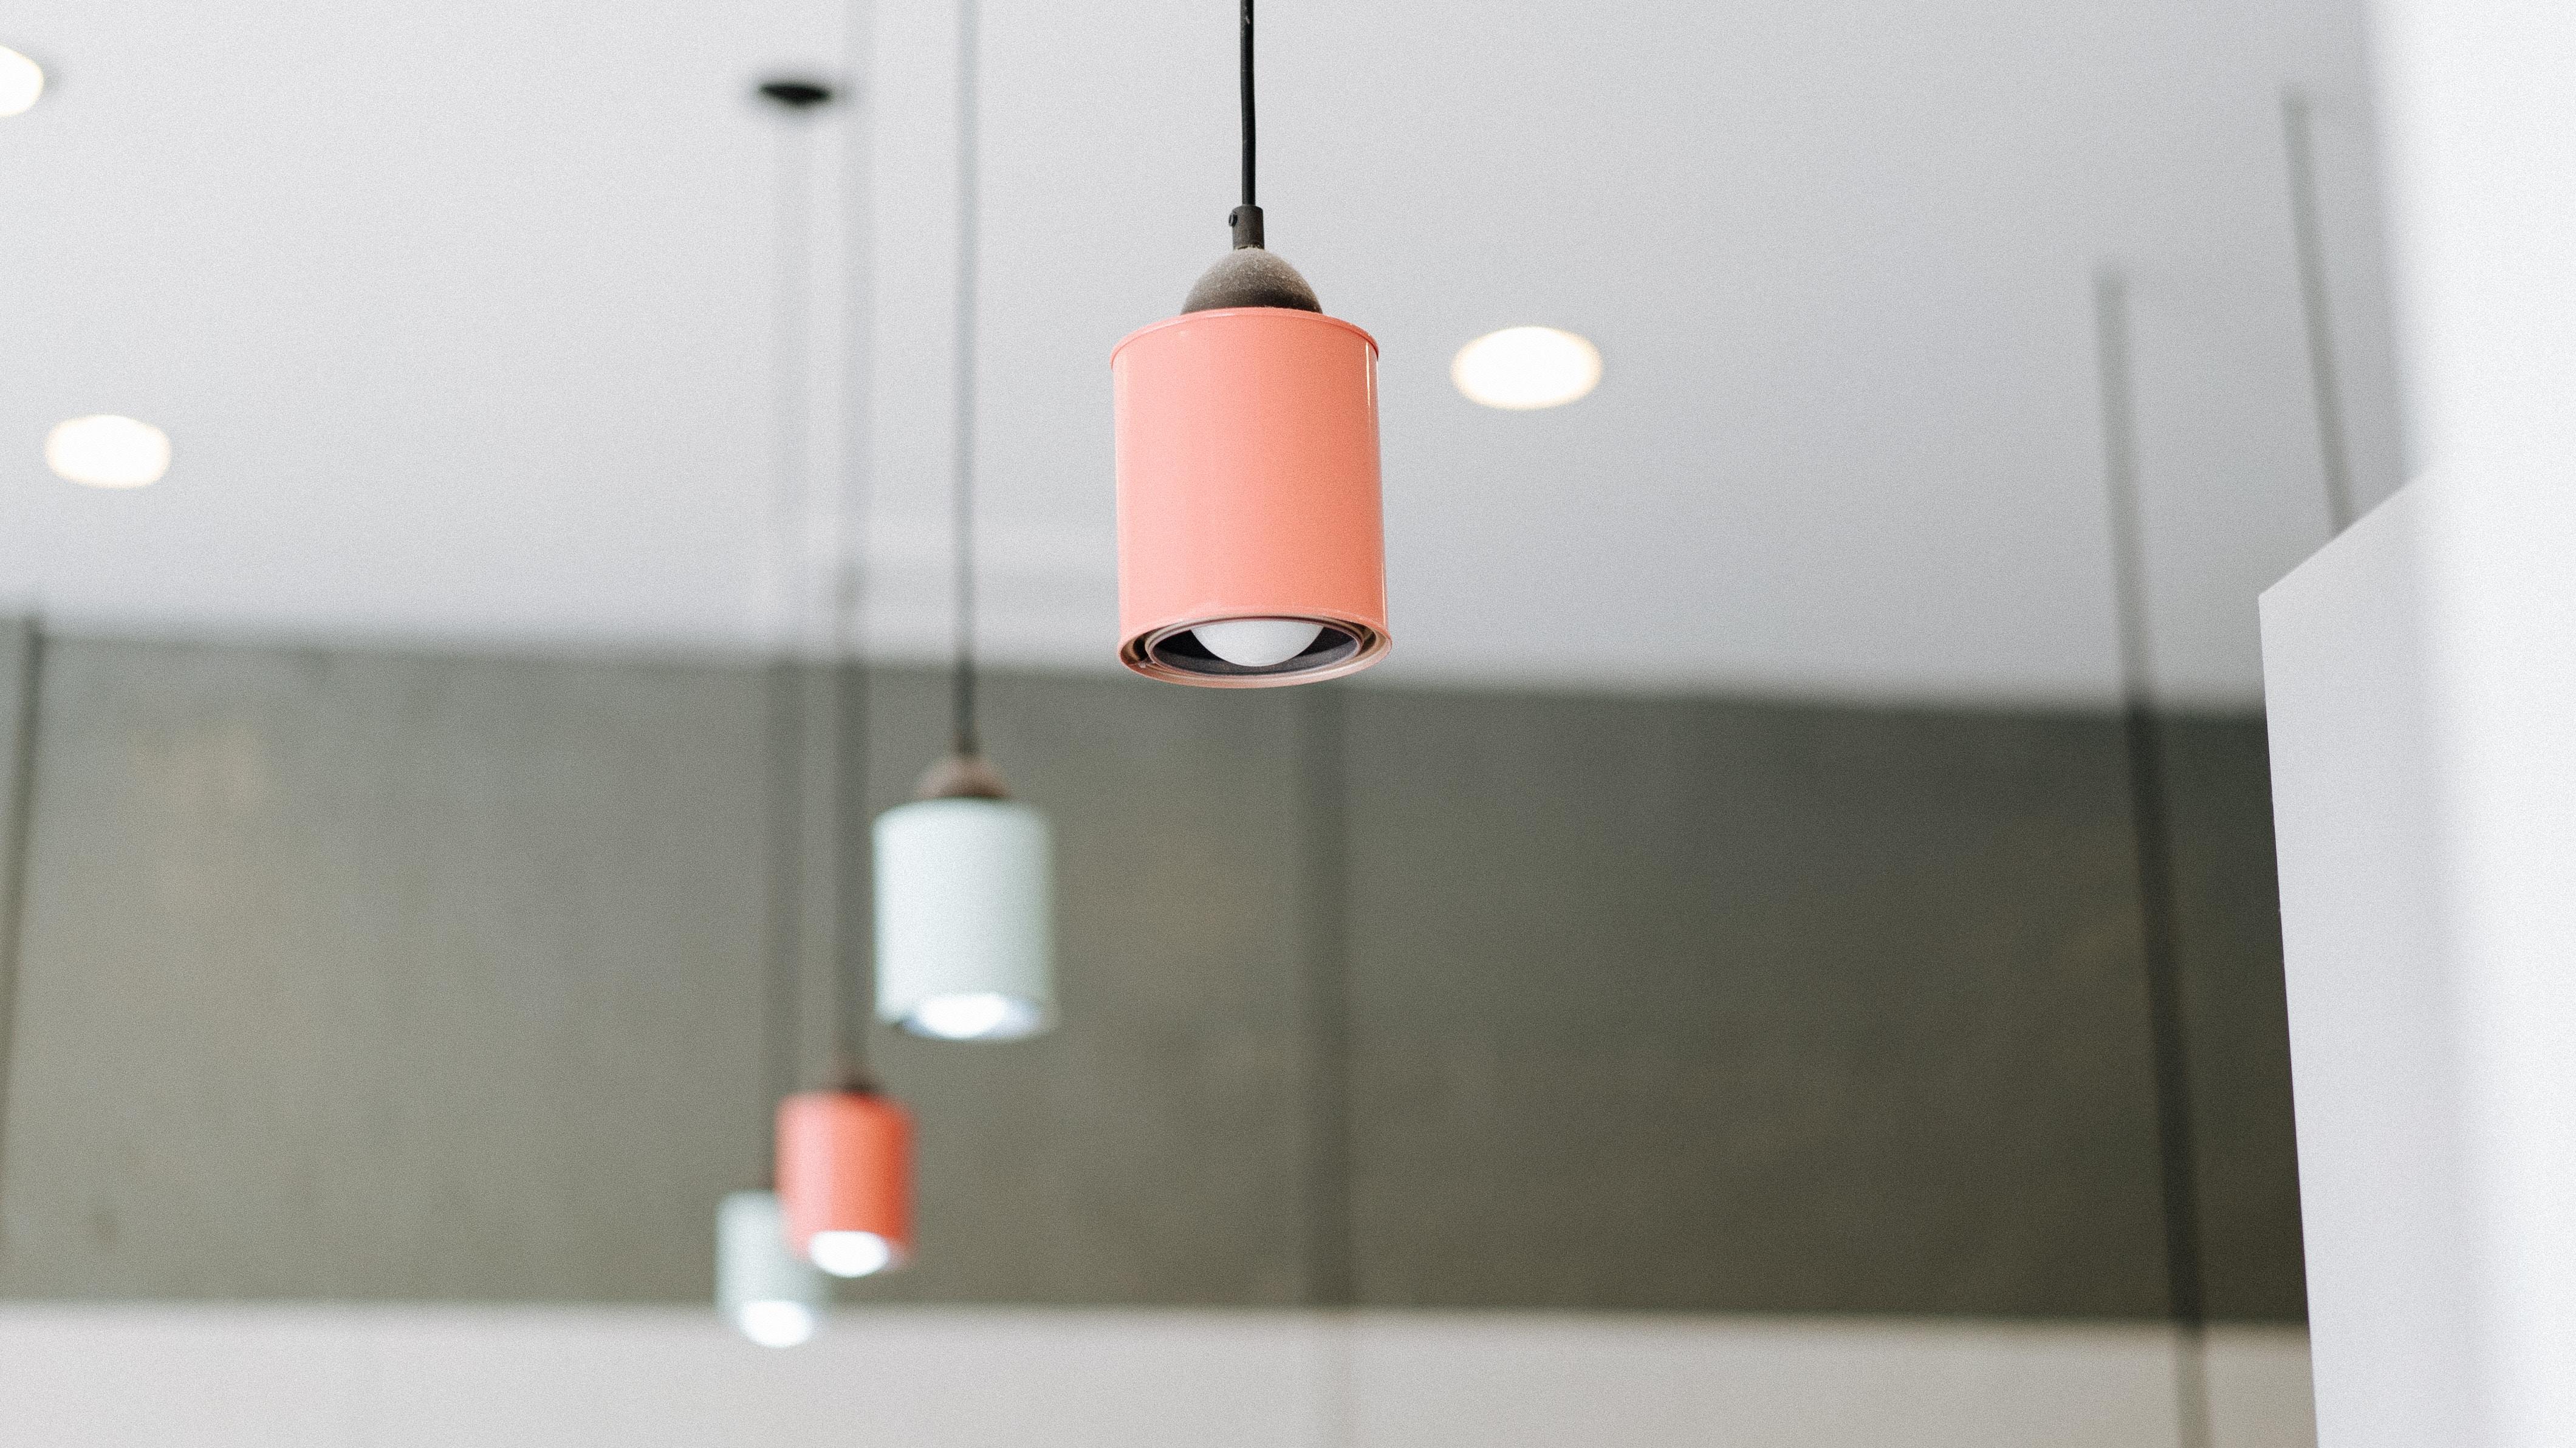 Arredare con stile la casa non dimenticare le luci arredativo